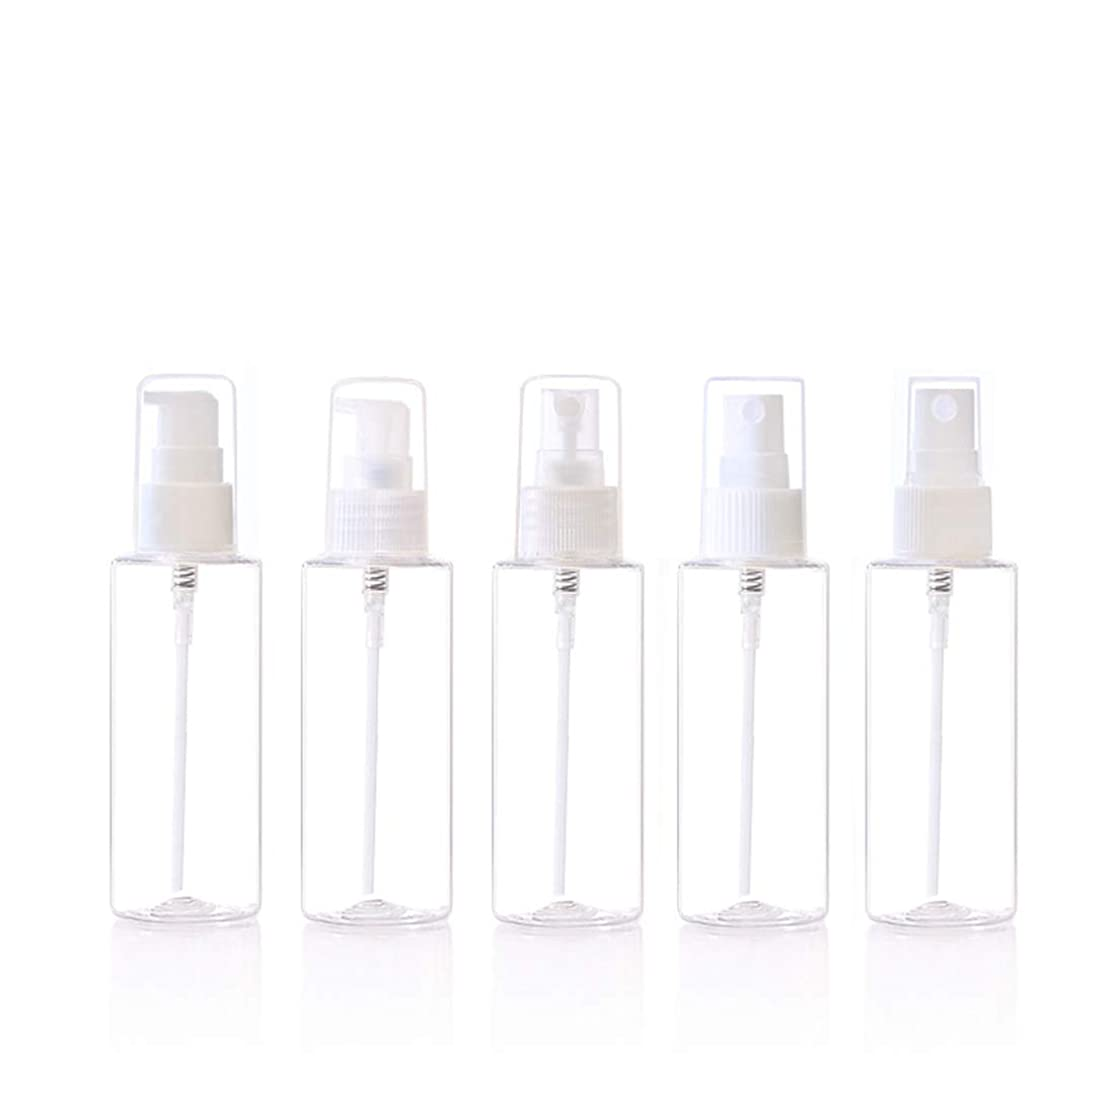 言い聞かせる残高一月化粧用品 5個80ml透明プラスチックアトマイザー/ 4オンスエアレスアトマイズ詰め替えトラベルコンテナ (サイズ : 80ml)